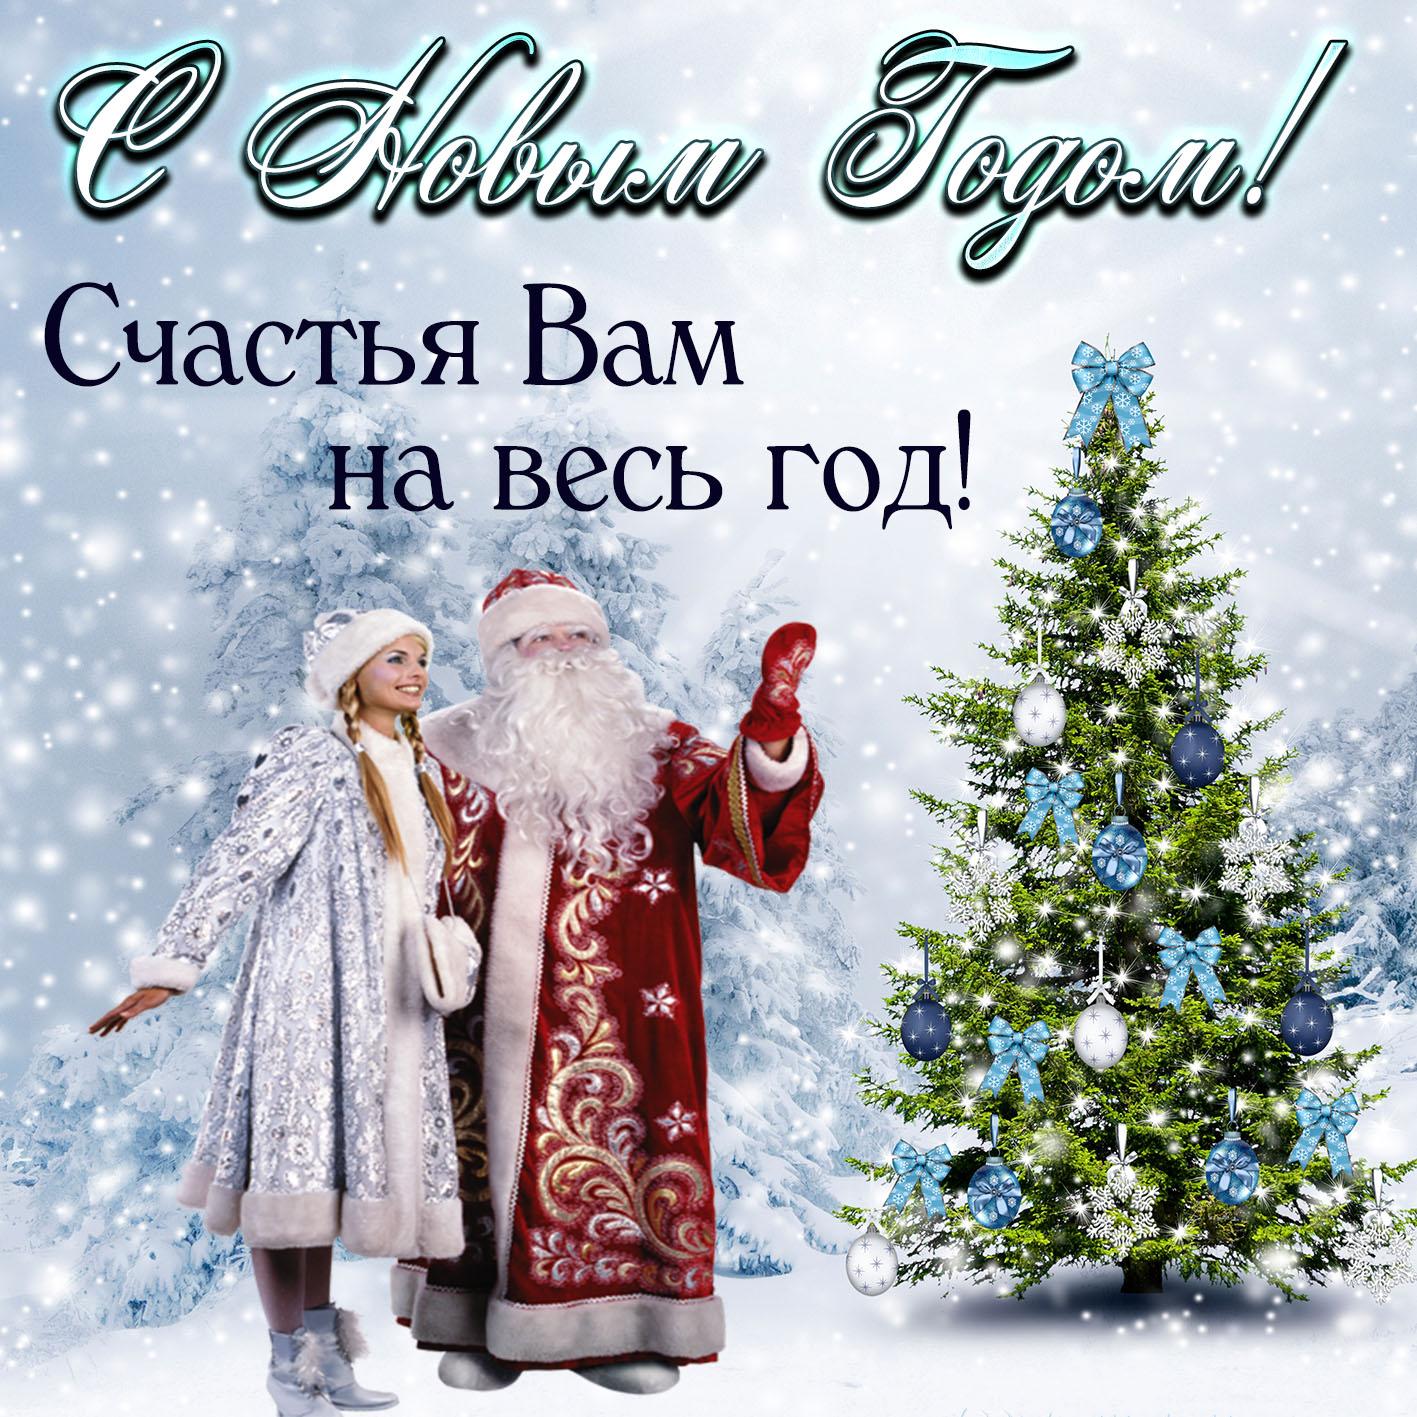 Открытка с Новым годом - Дед Мороз и Снегурочка в заснеженном лесу